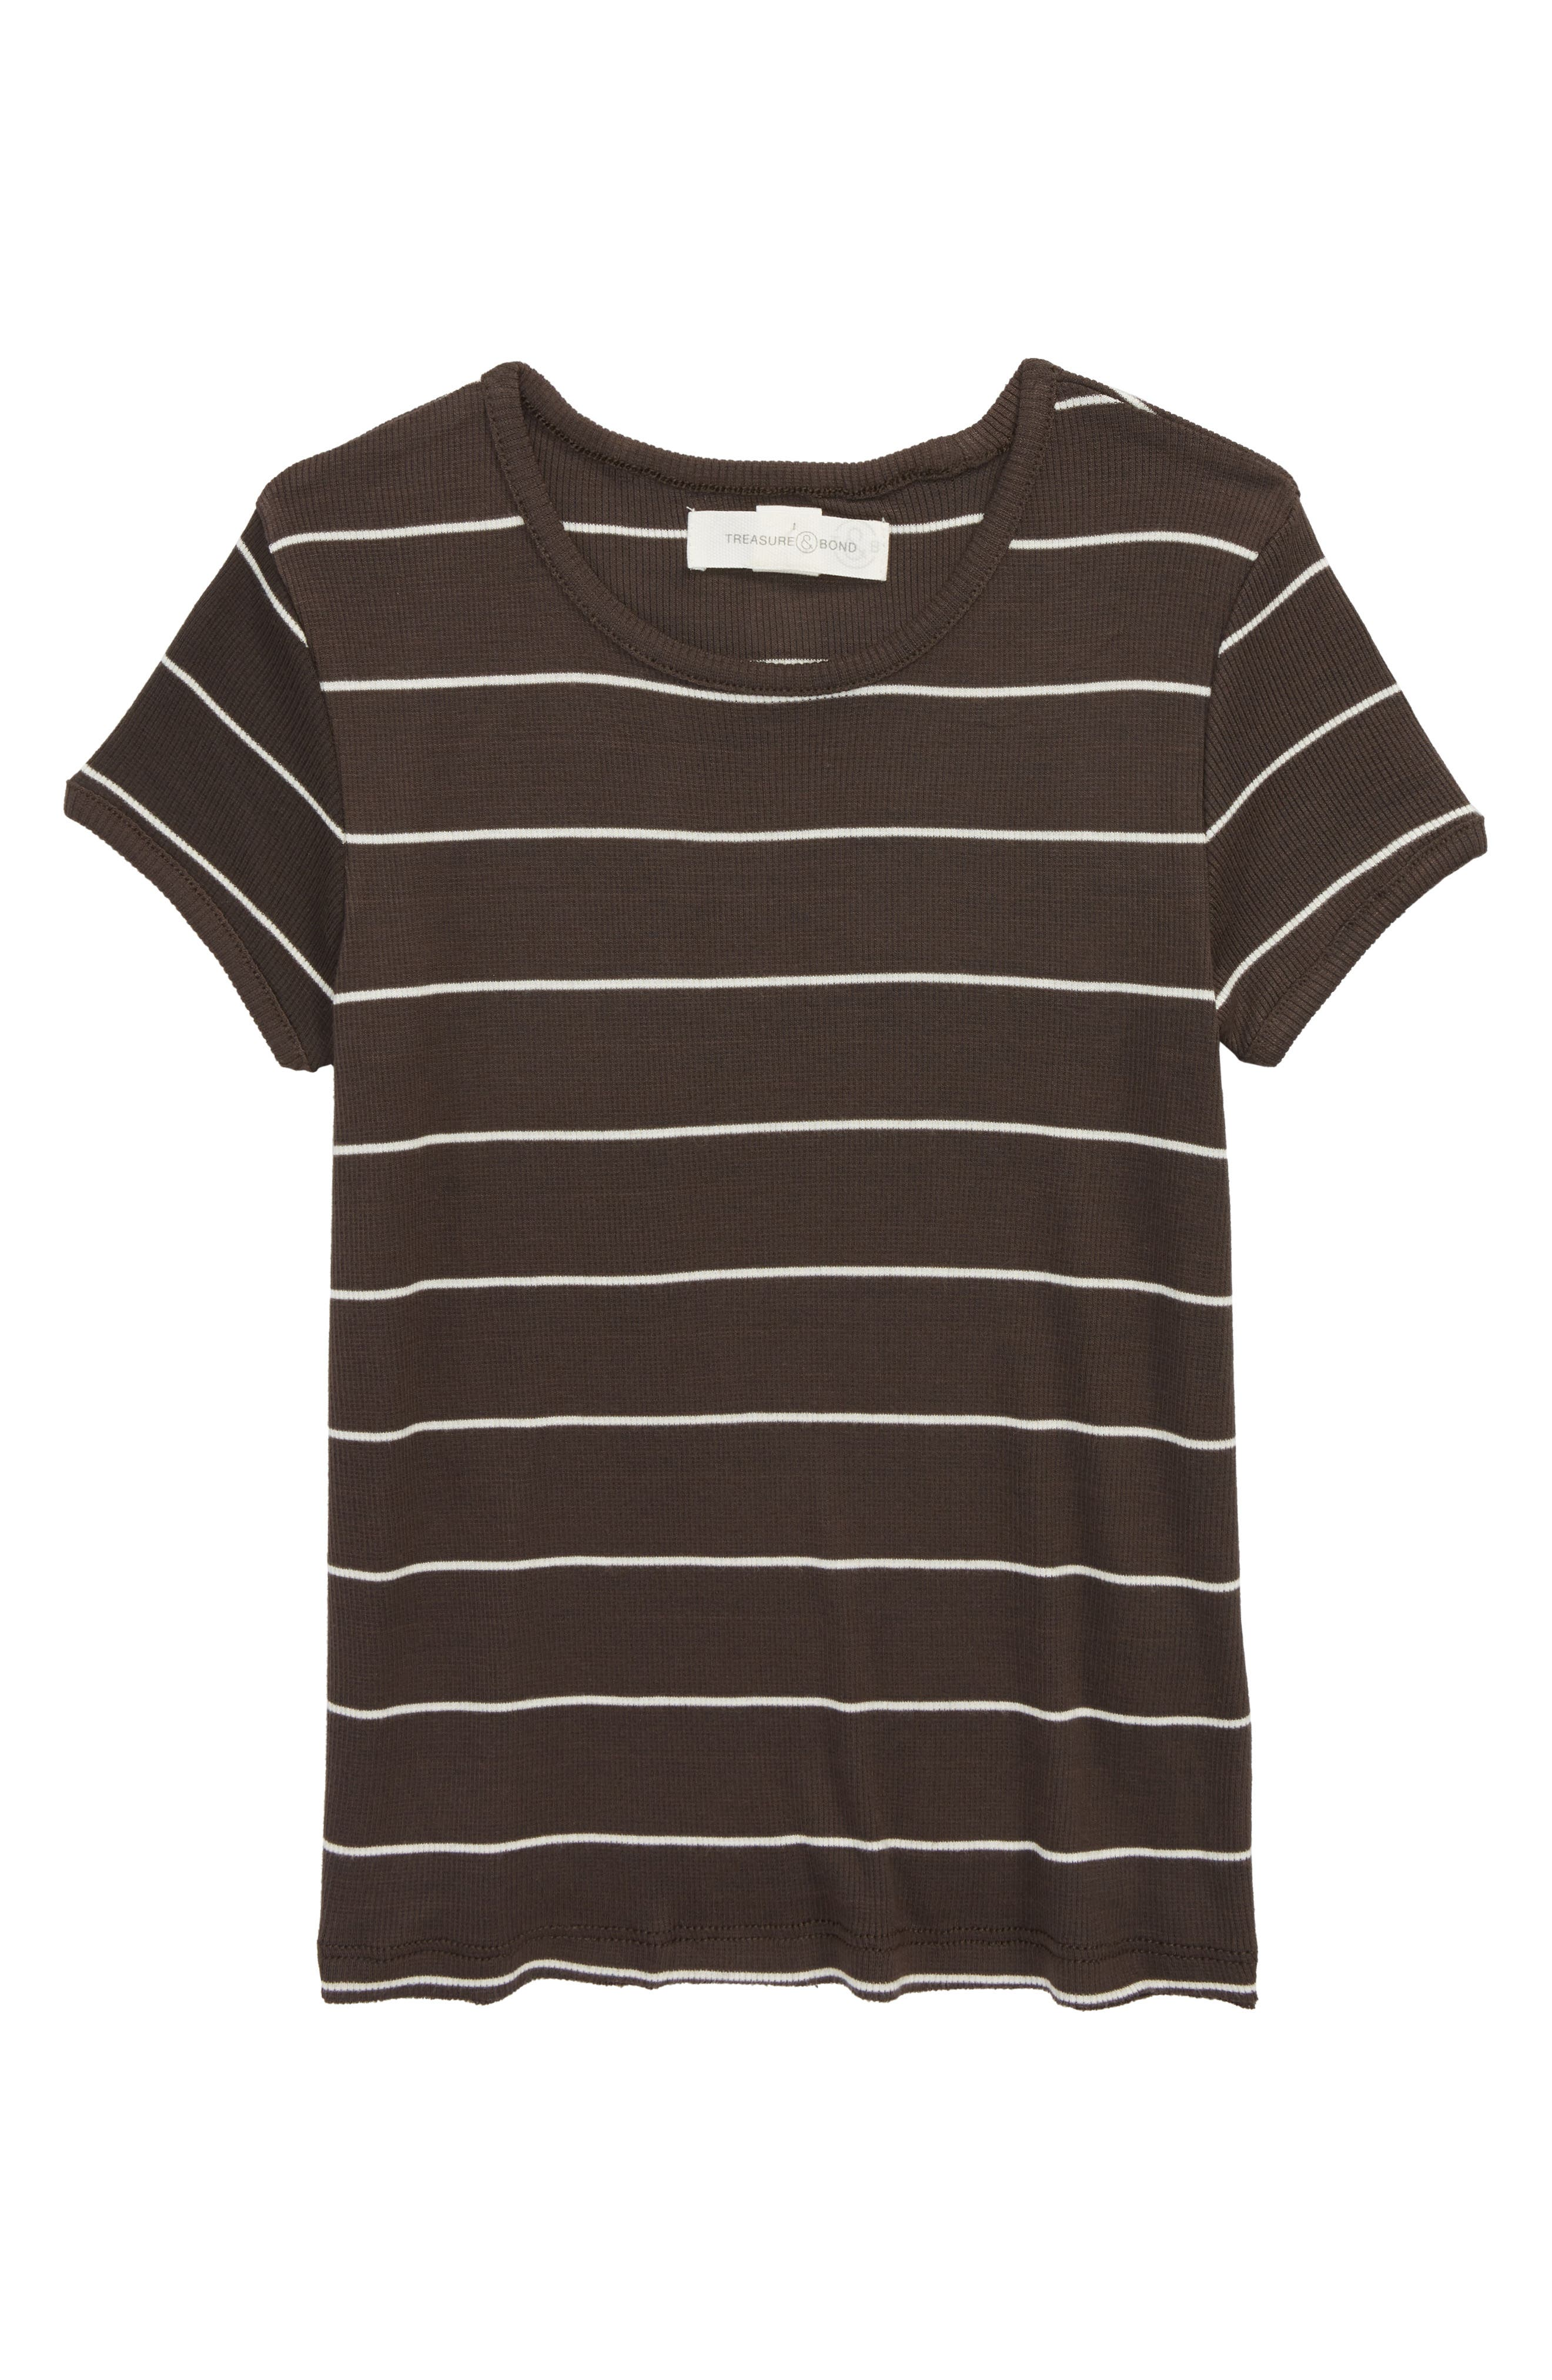 Stripe Knit Tee,                         Main,                         color, BLACK RAVEN SKINNY STRIPE